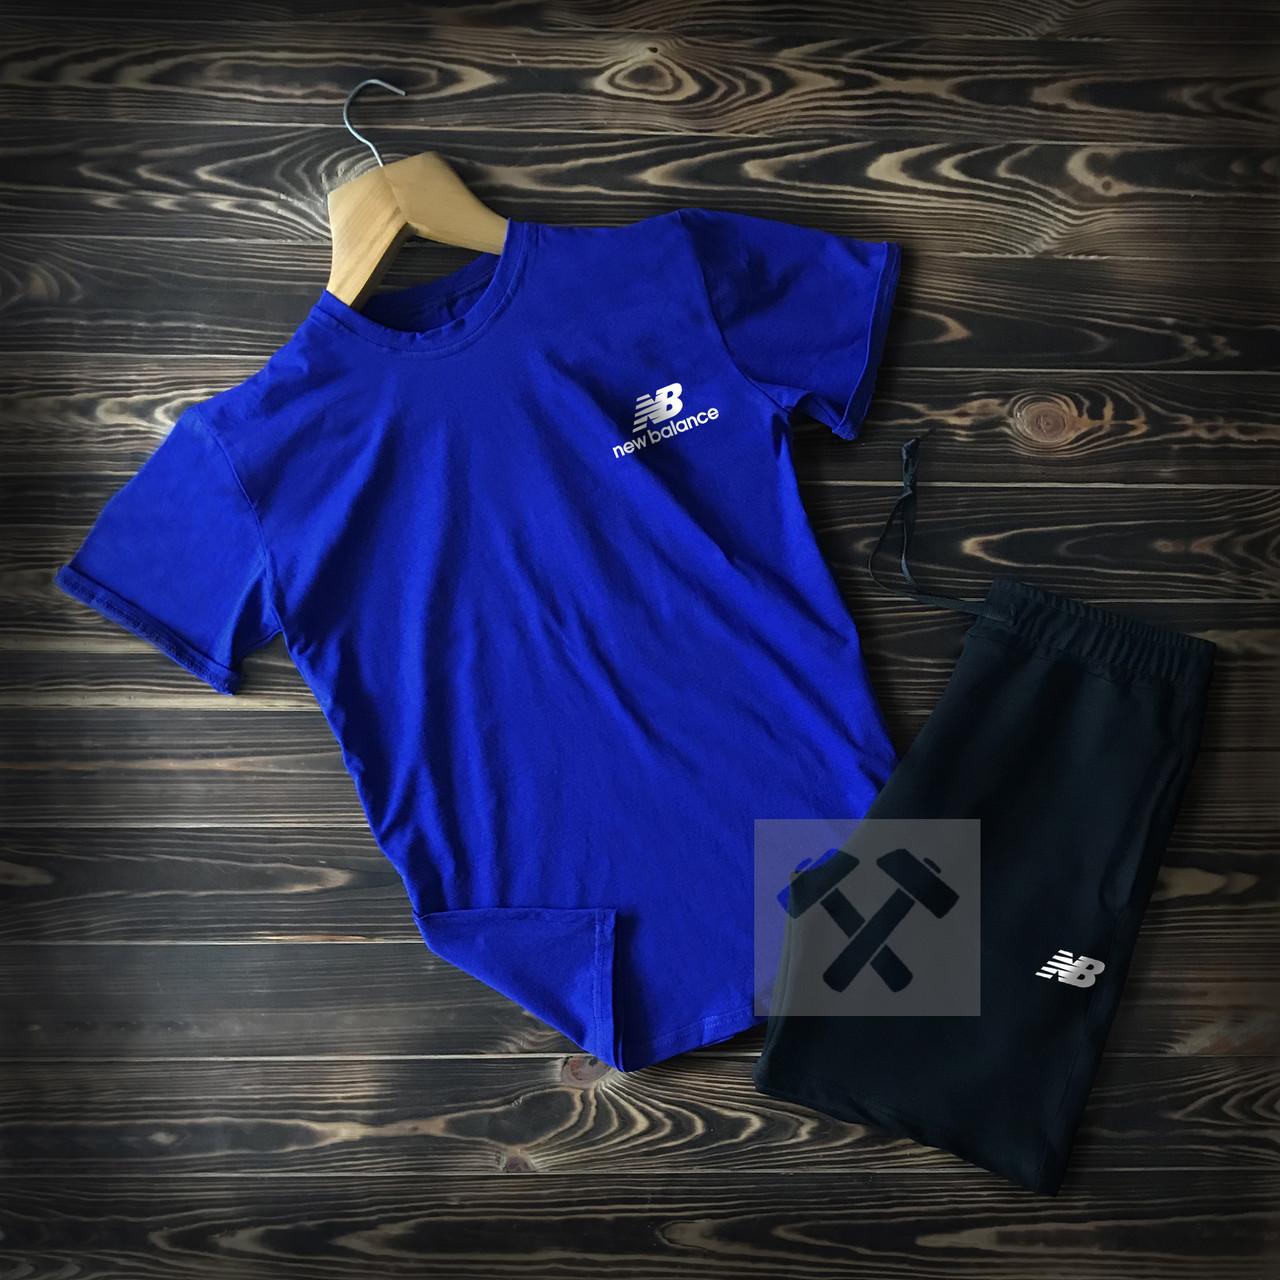 Мужская футболка и шорты Нью Беланс, трикотажная